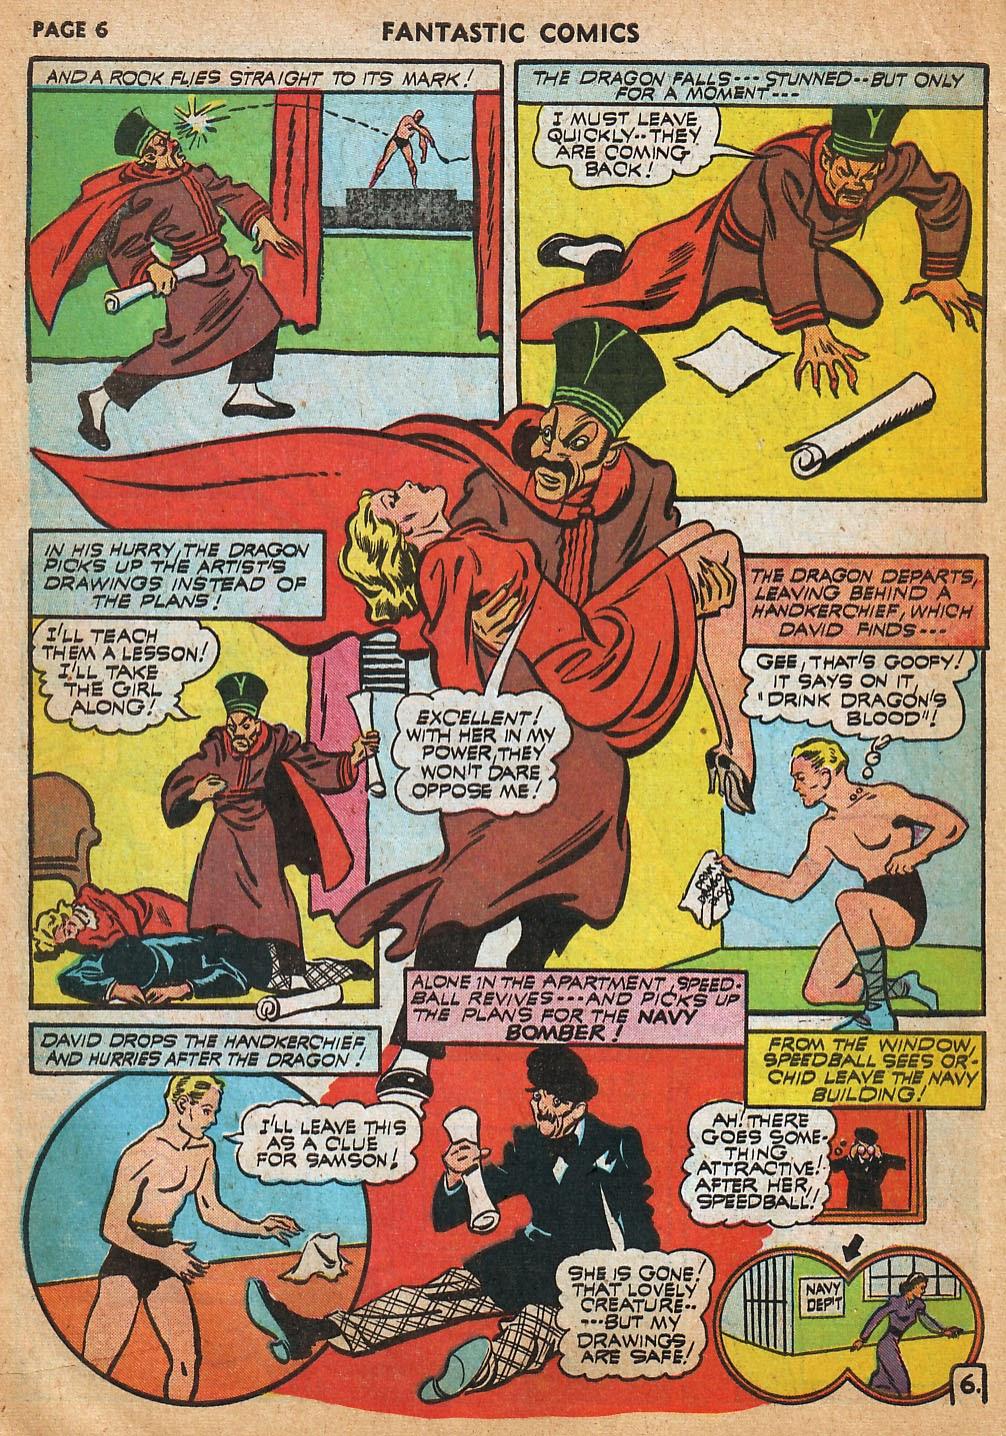 Read online Fantastic Comics comic -  Issue #22 - 8